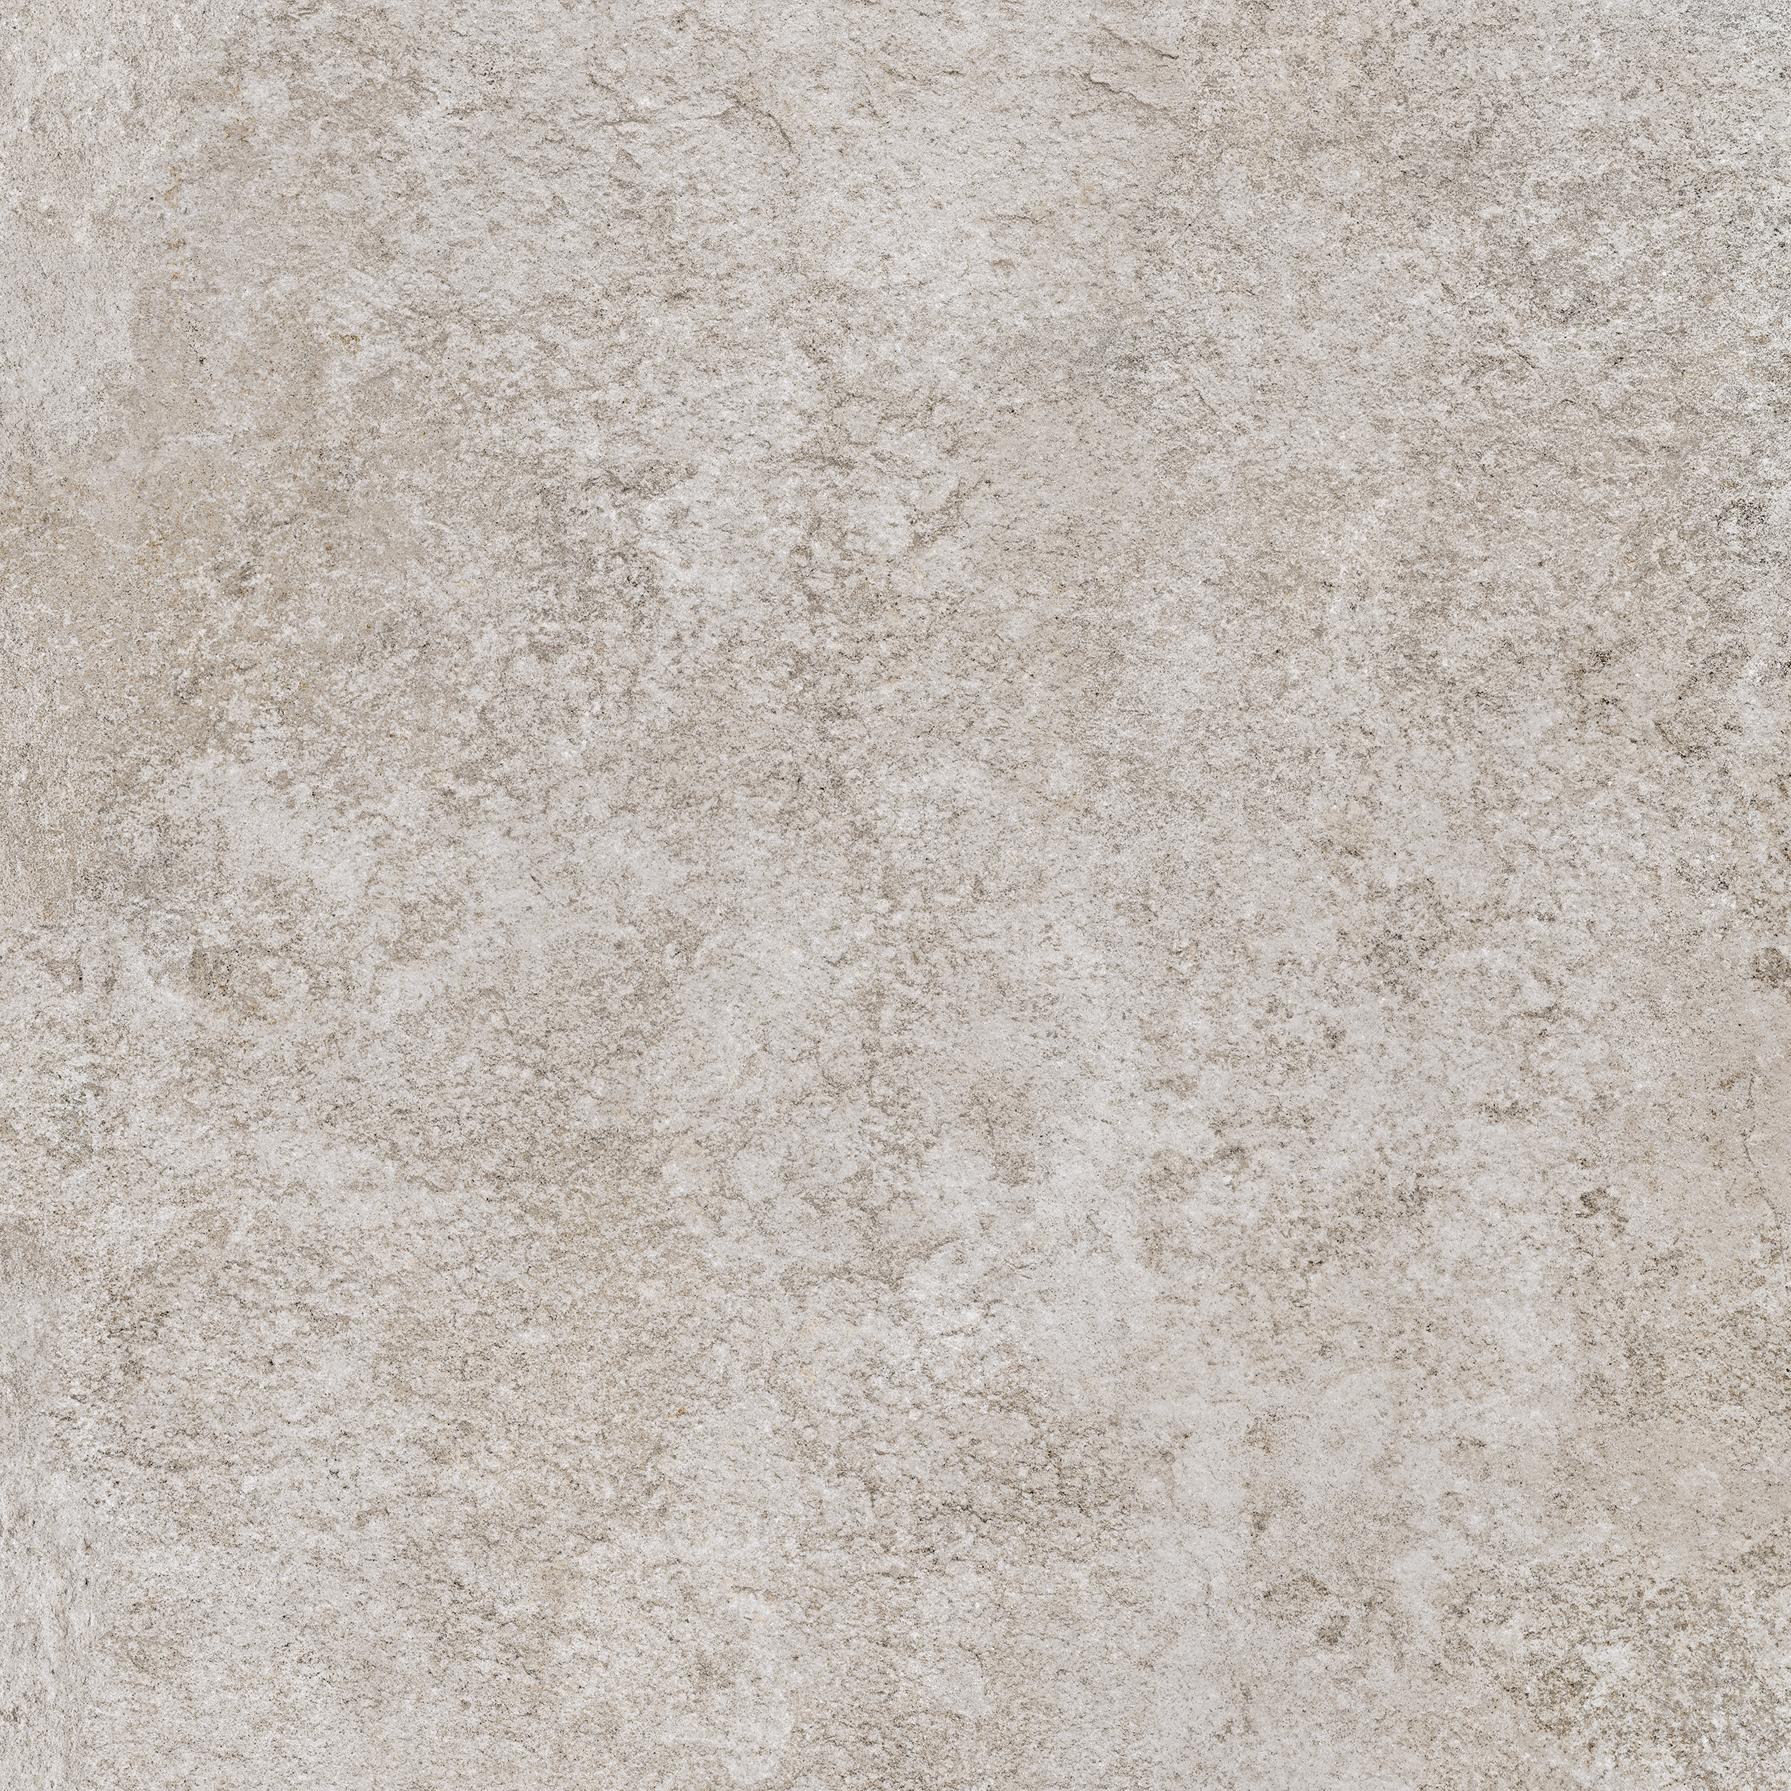 LONGFAVOR cement Grey  full body  porcelain tile   RC66R0C23W Industrial Style Full Body Tiles image21